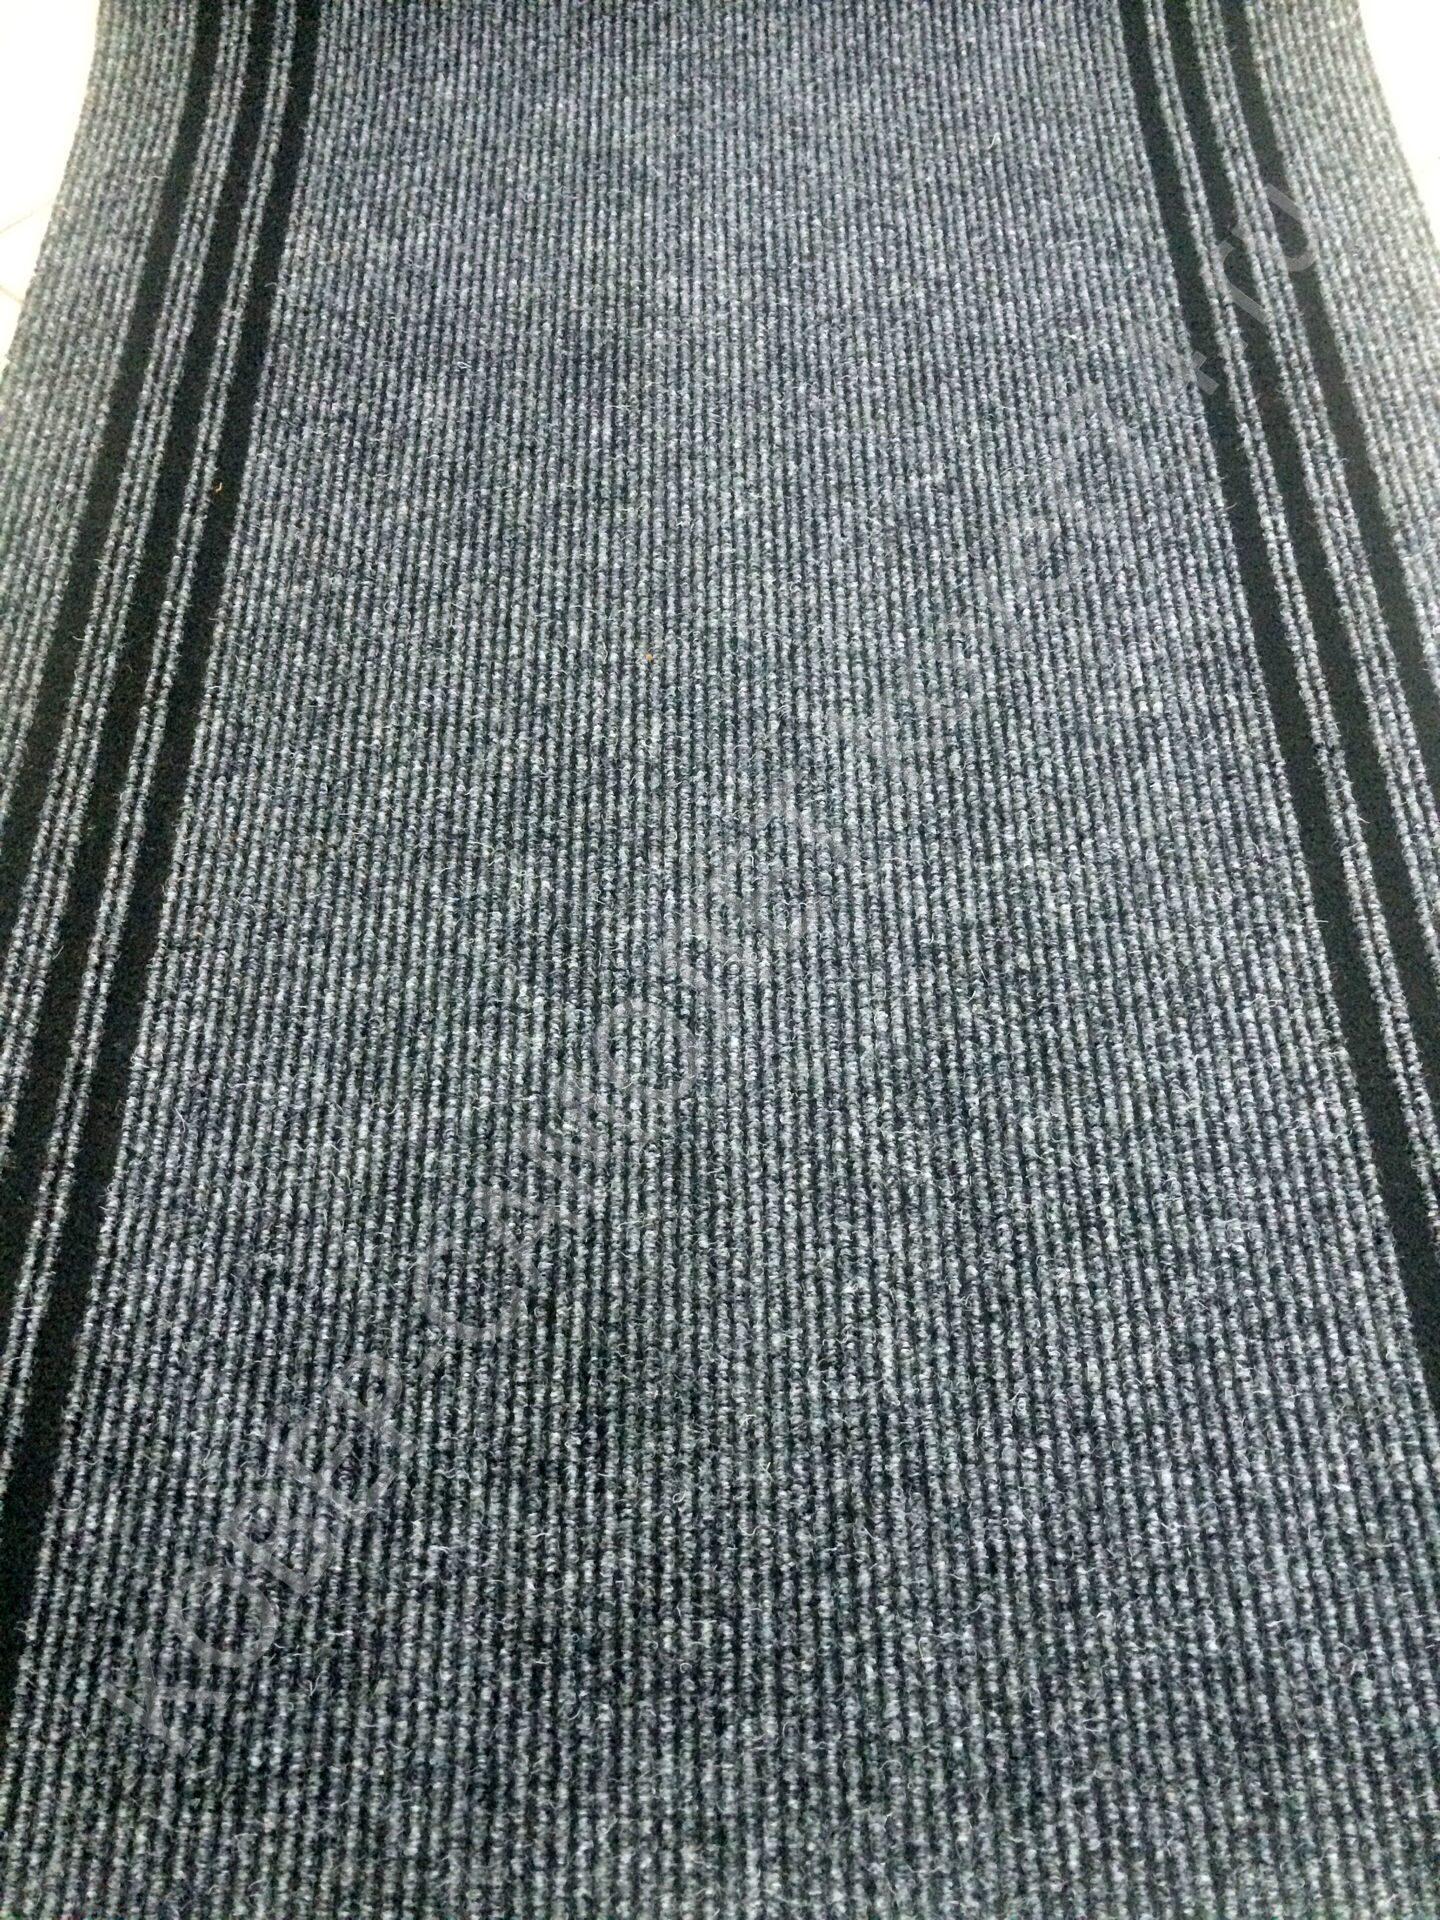 купить ковровая дорожка на резиновой основе